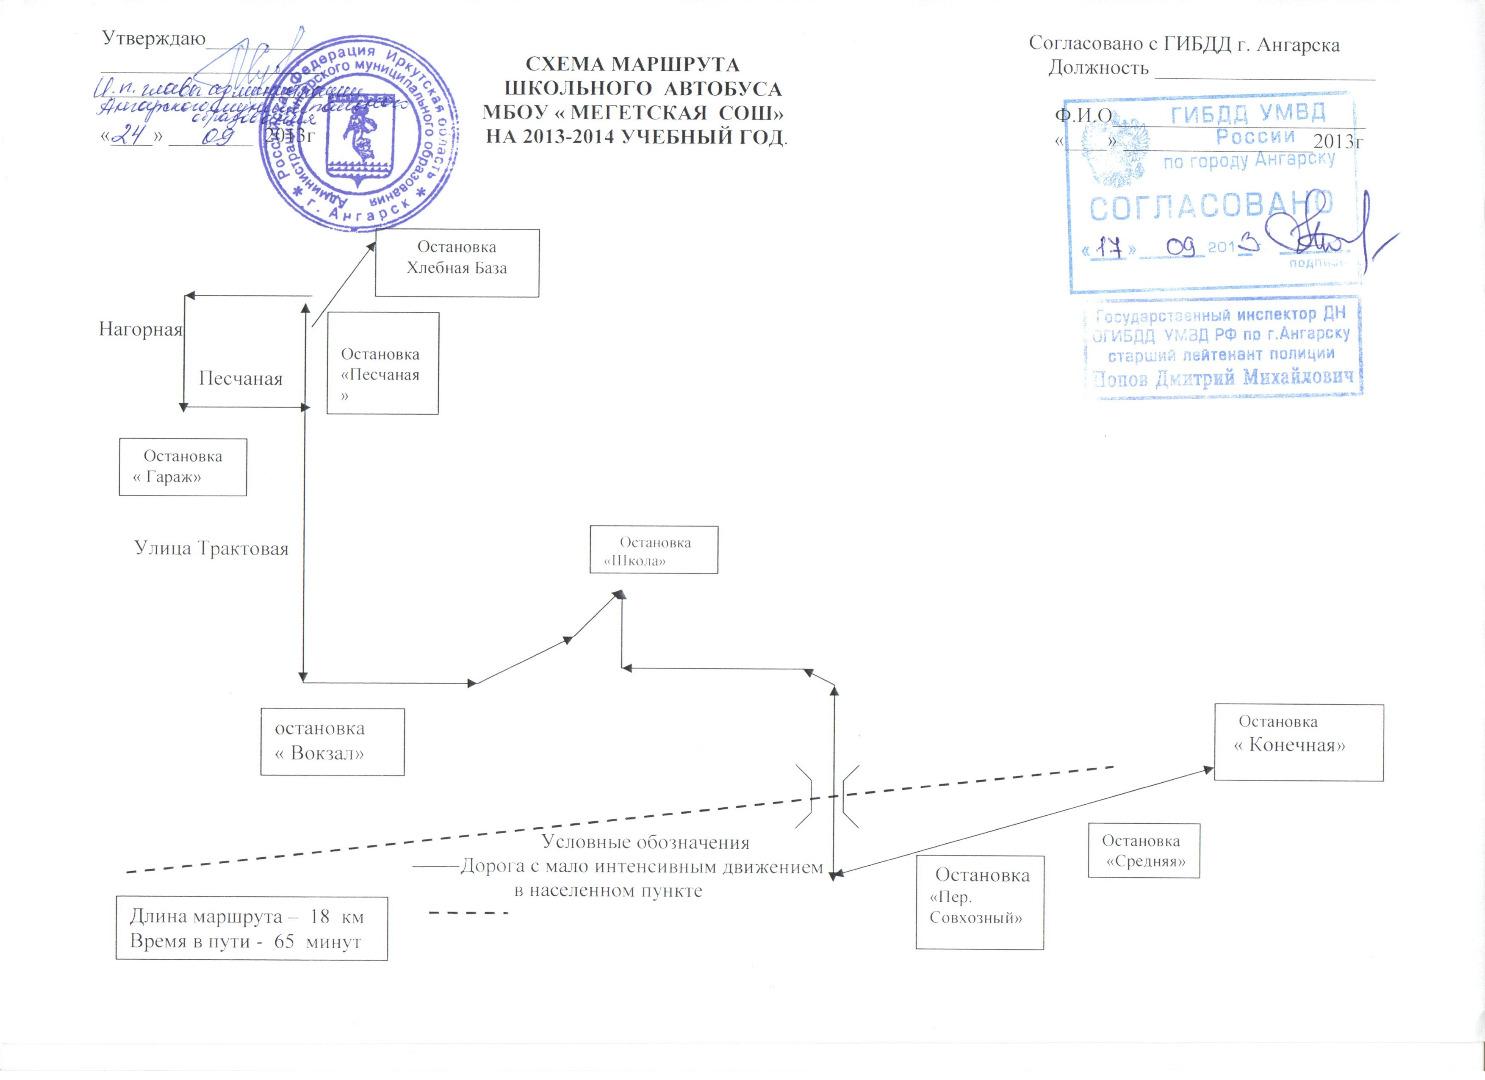 Маршрут движения сторожа схема